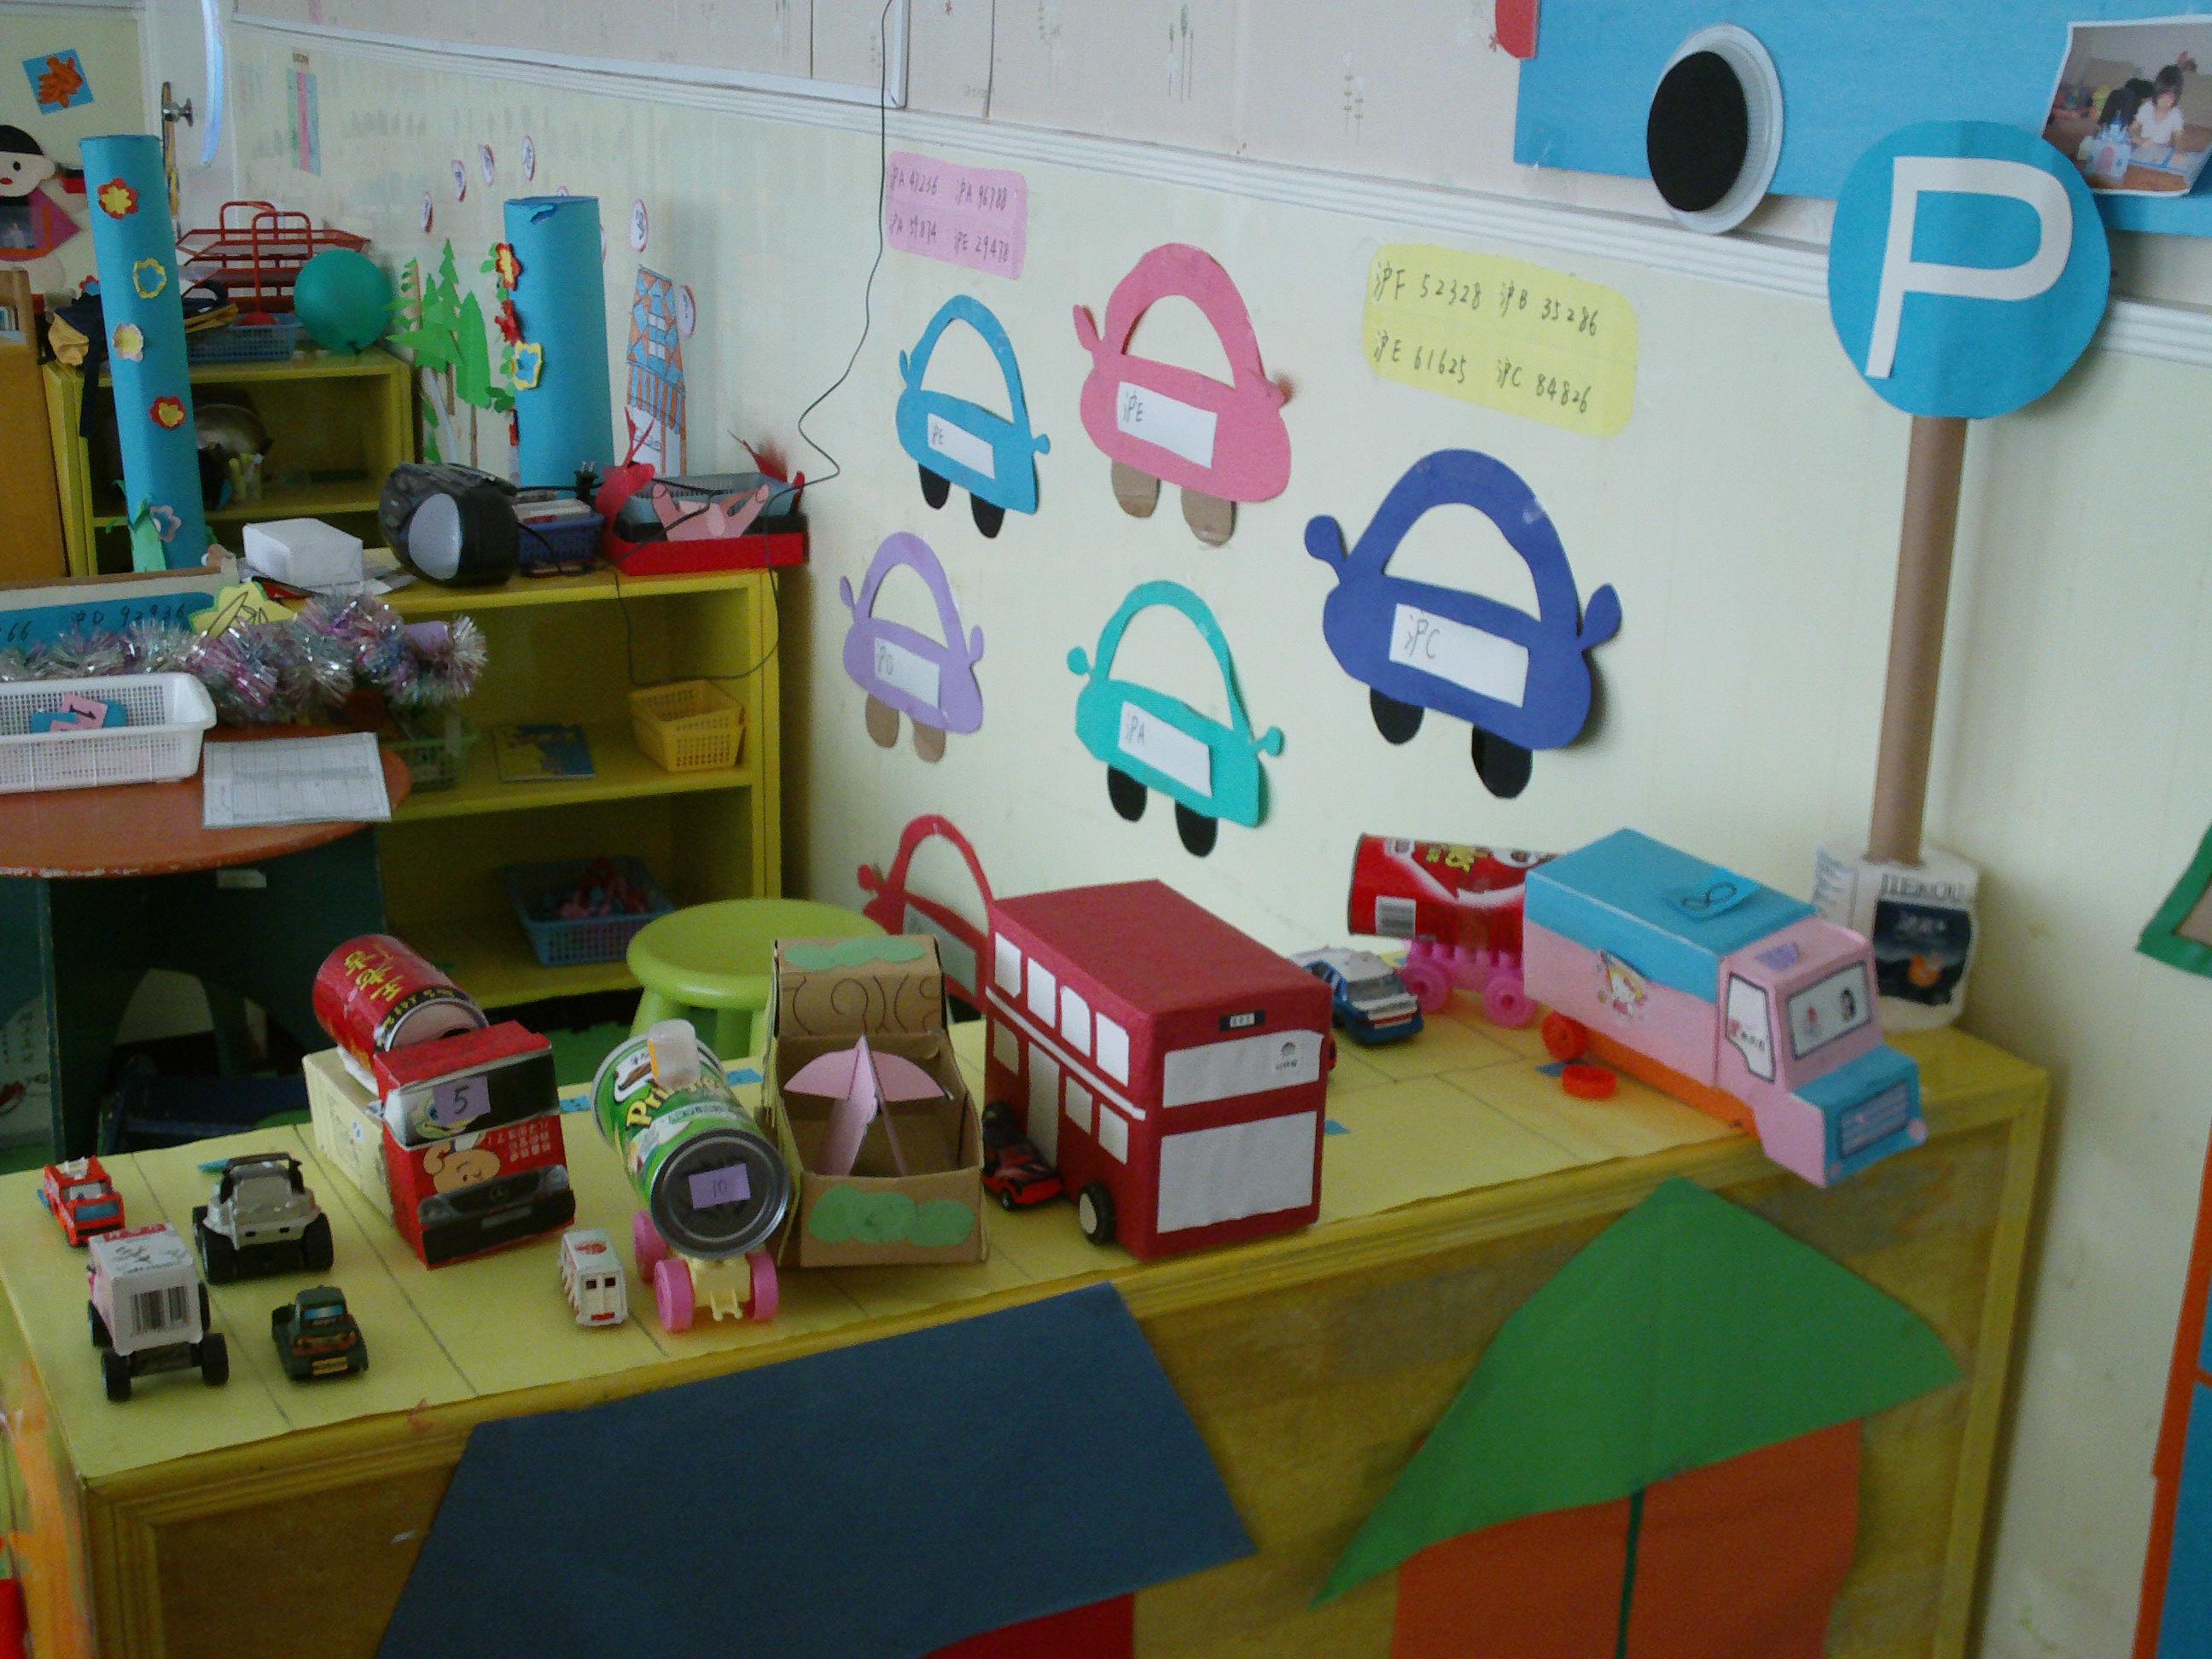 幼儿园环境区域布置(理发店)应该如何布置?